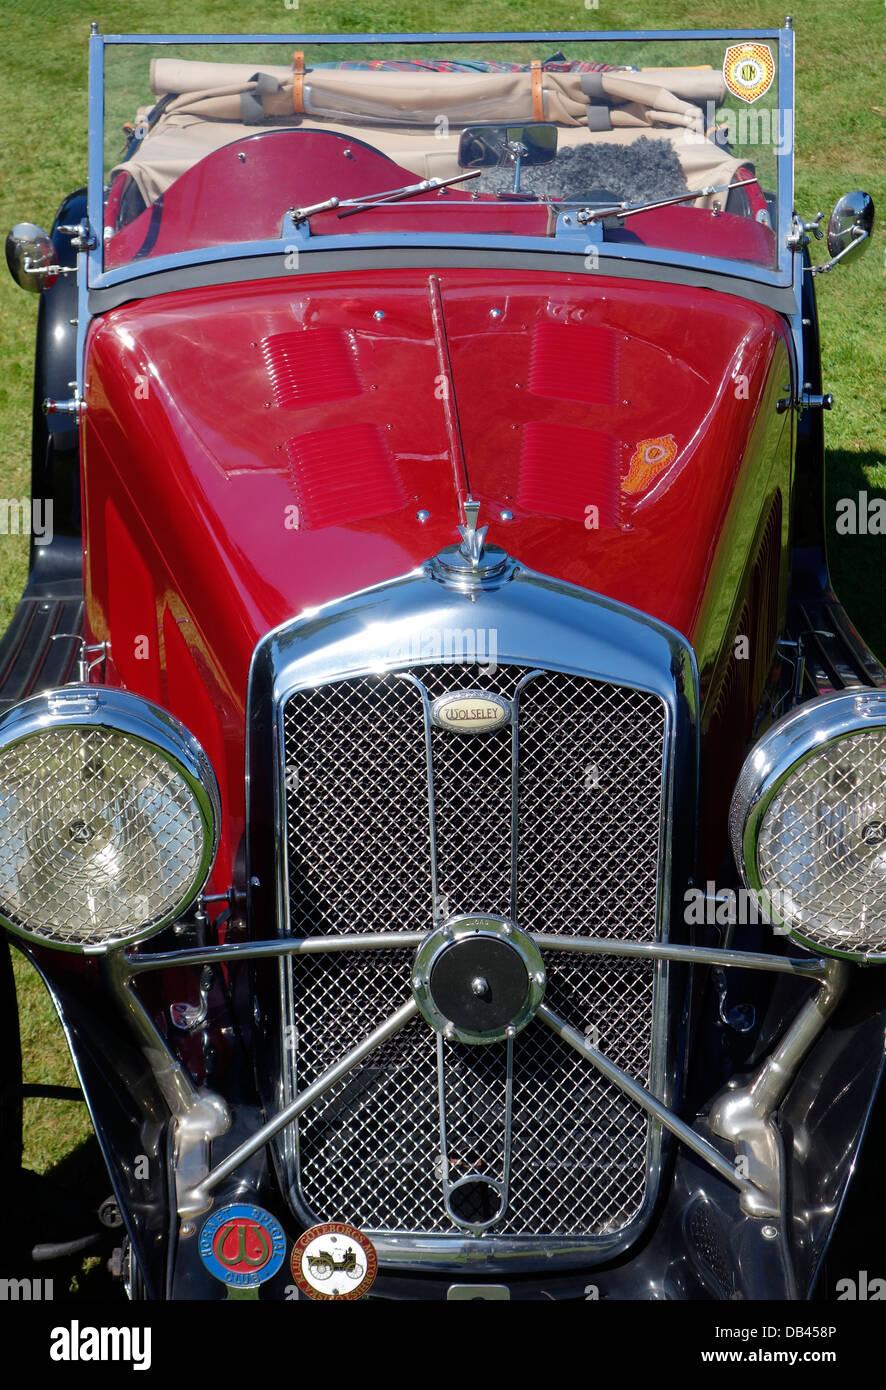 Vorderansicht eines antiken Autos Wolseley Hornet Special Stockbild